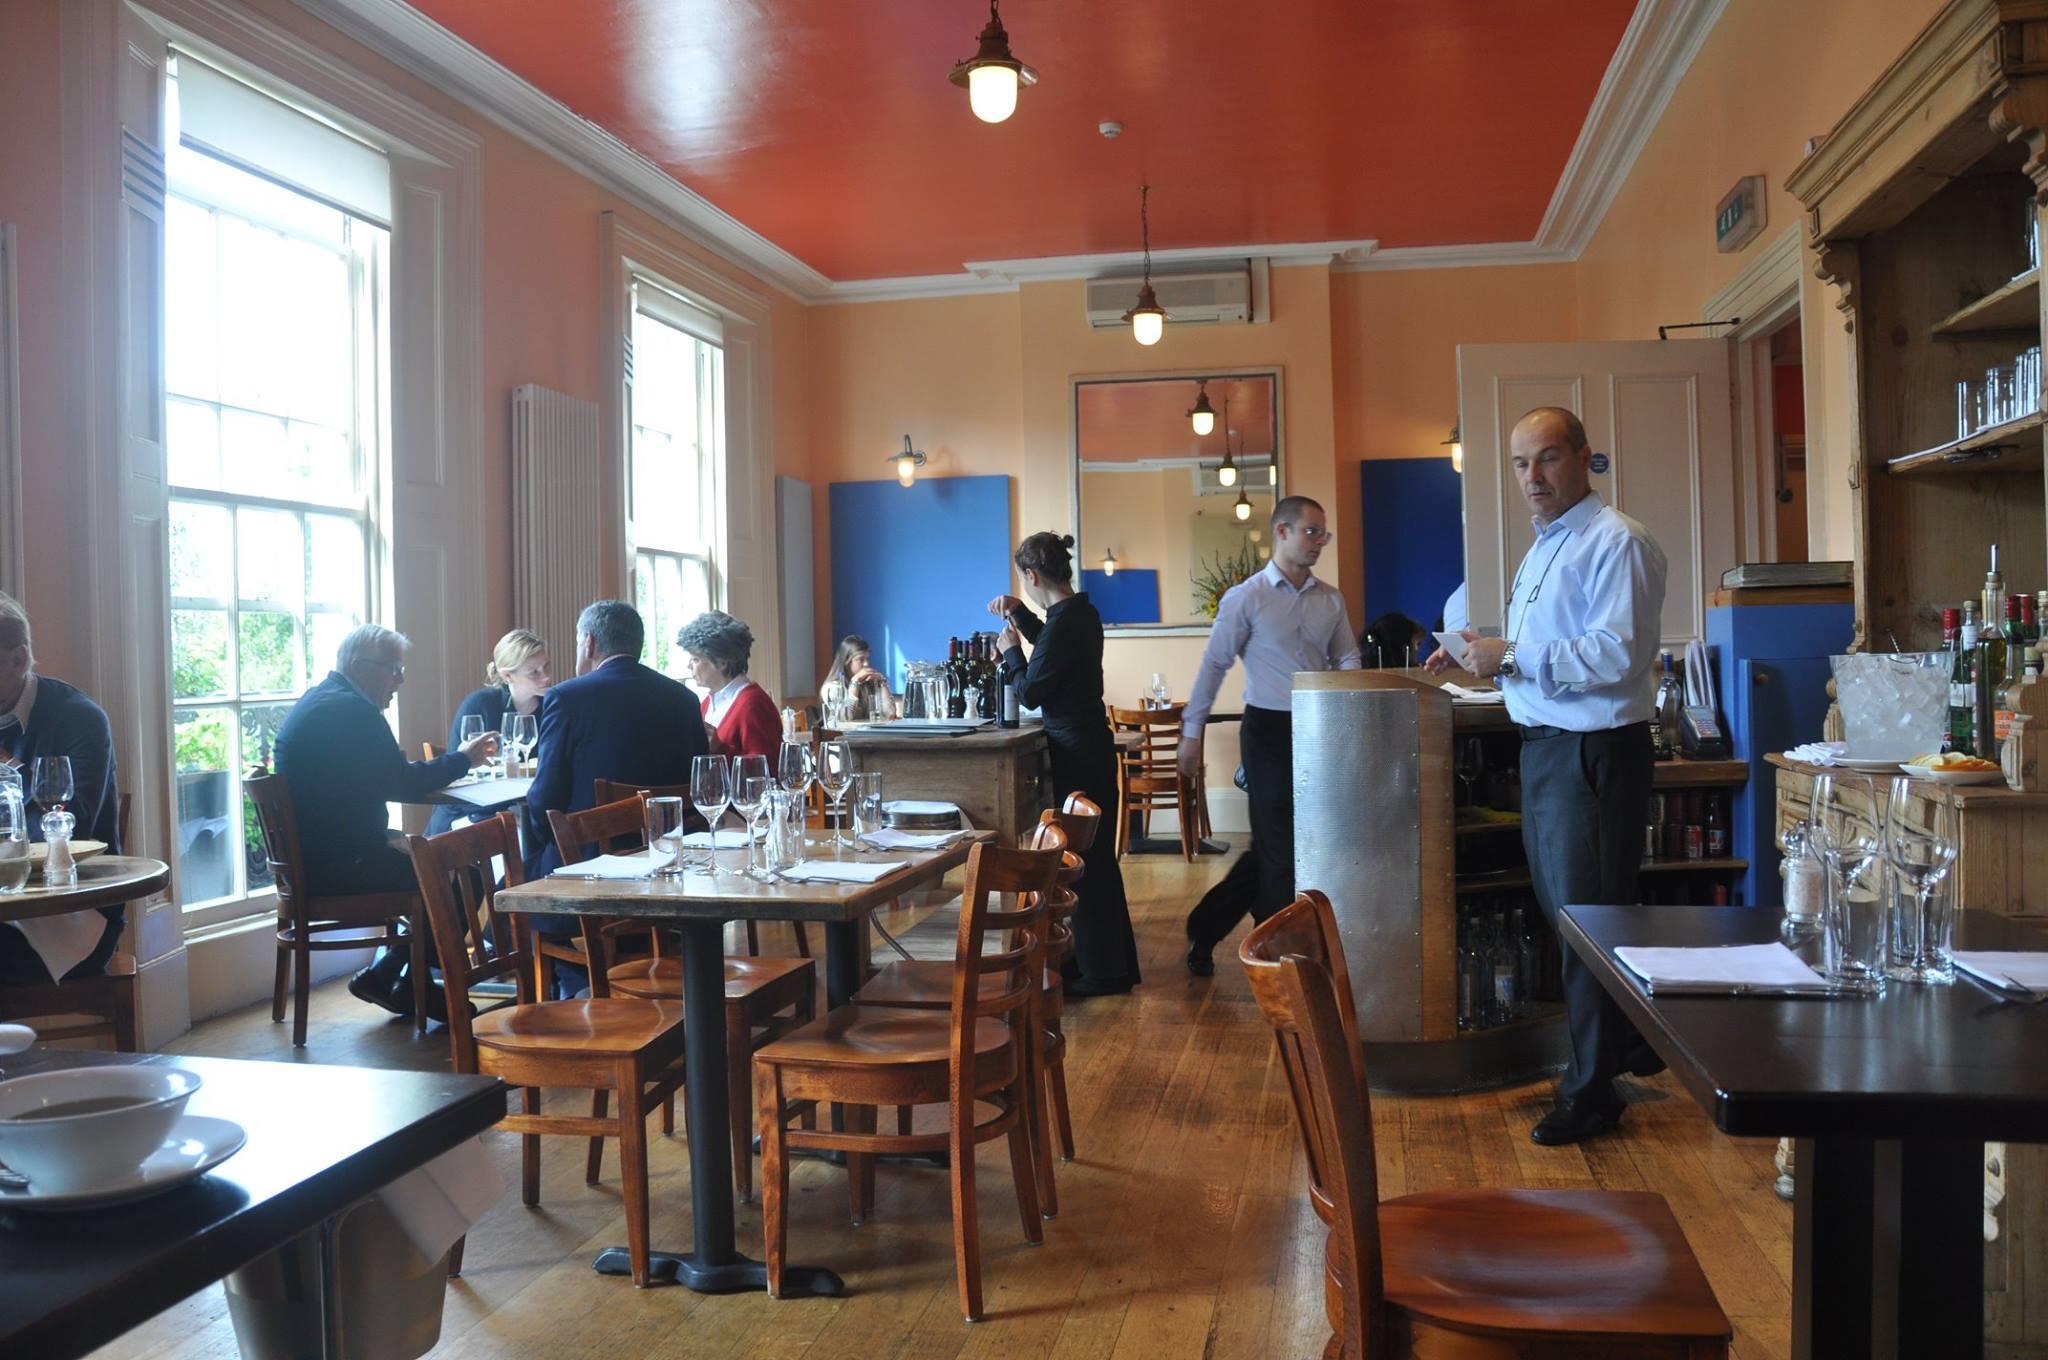 بييترو النادل وشريك الطاهي نينو في مطعم أسّاجي في لندن